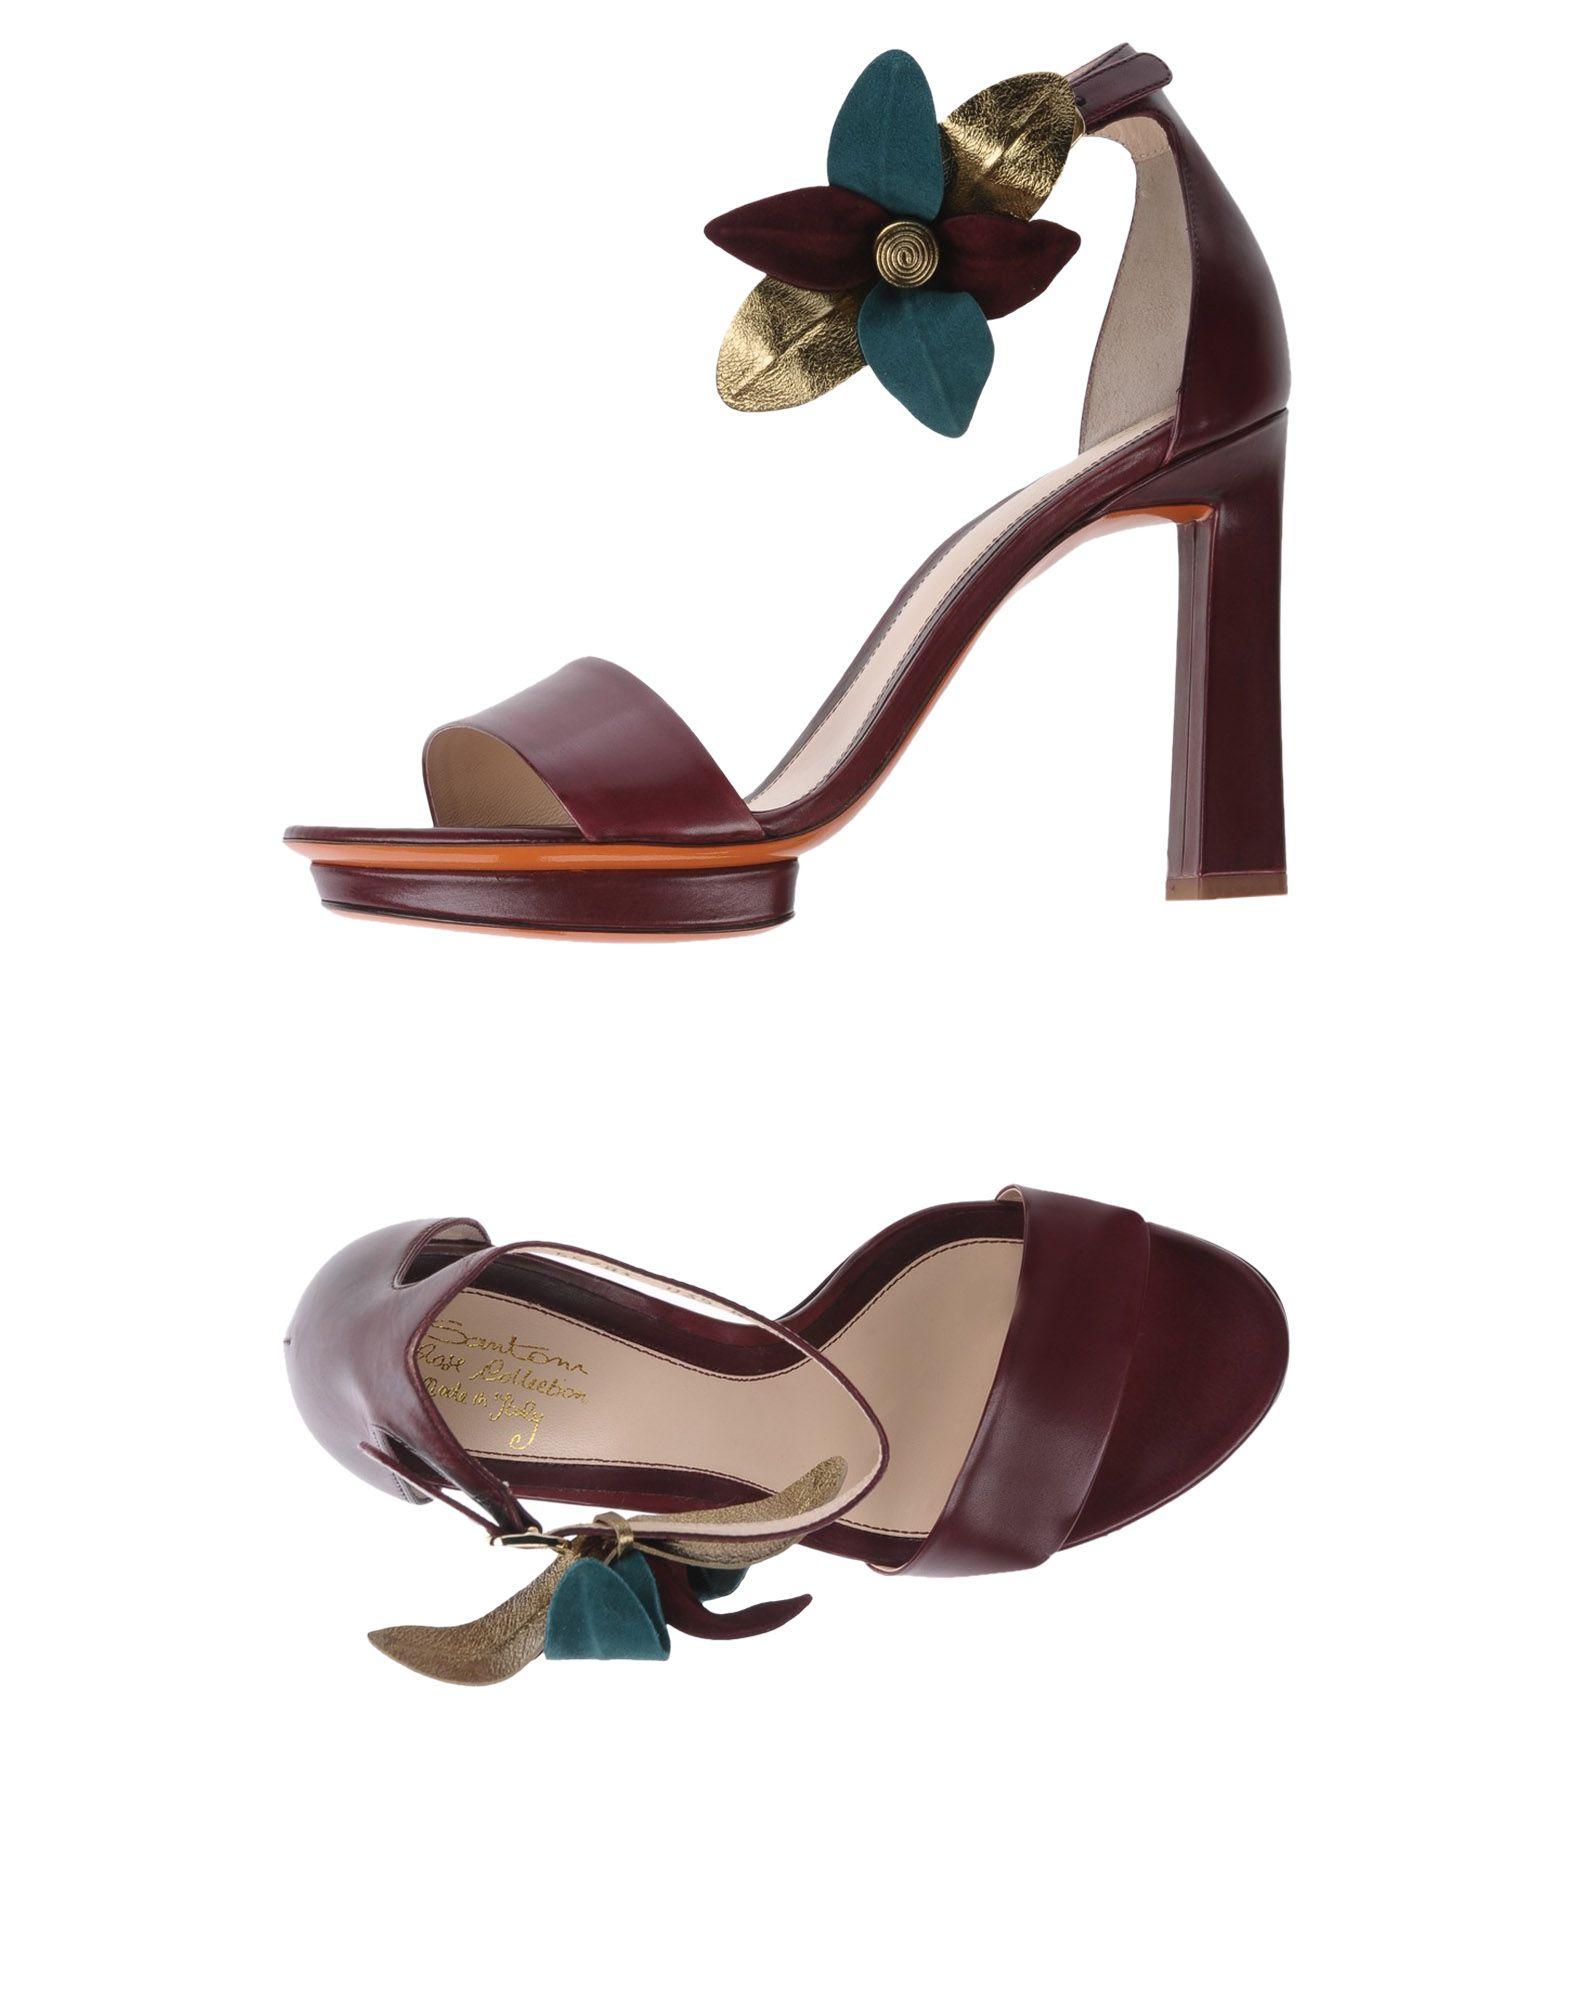 Santoni Sandals - Women Santoni Sandals online on 11387194WE  United Kingdom - 11387194WE on 501621